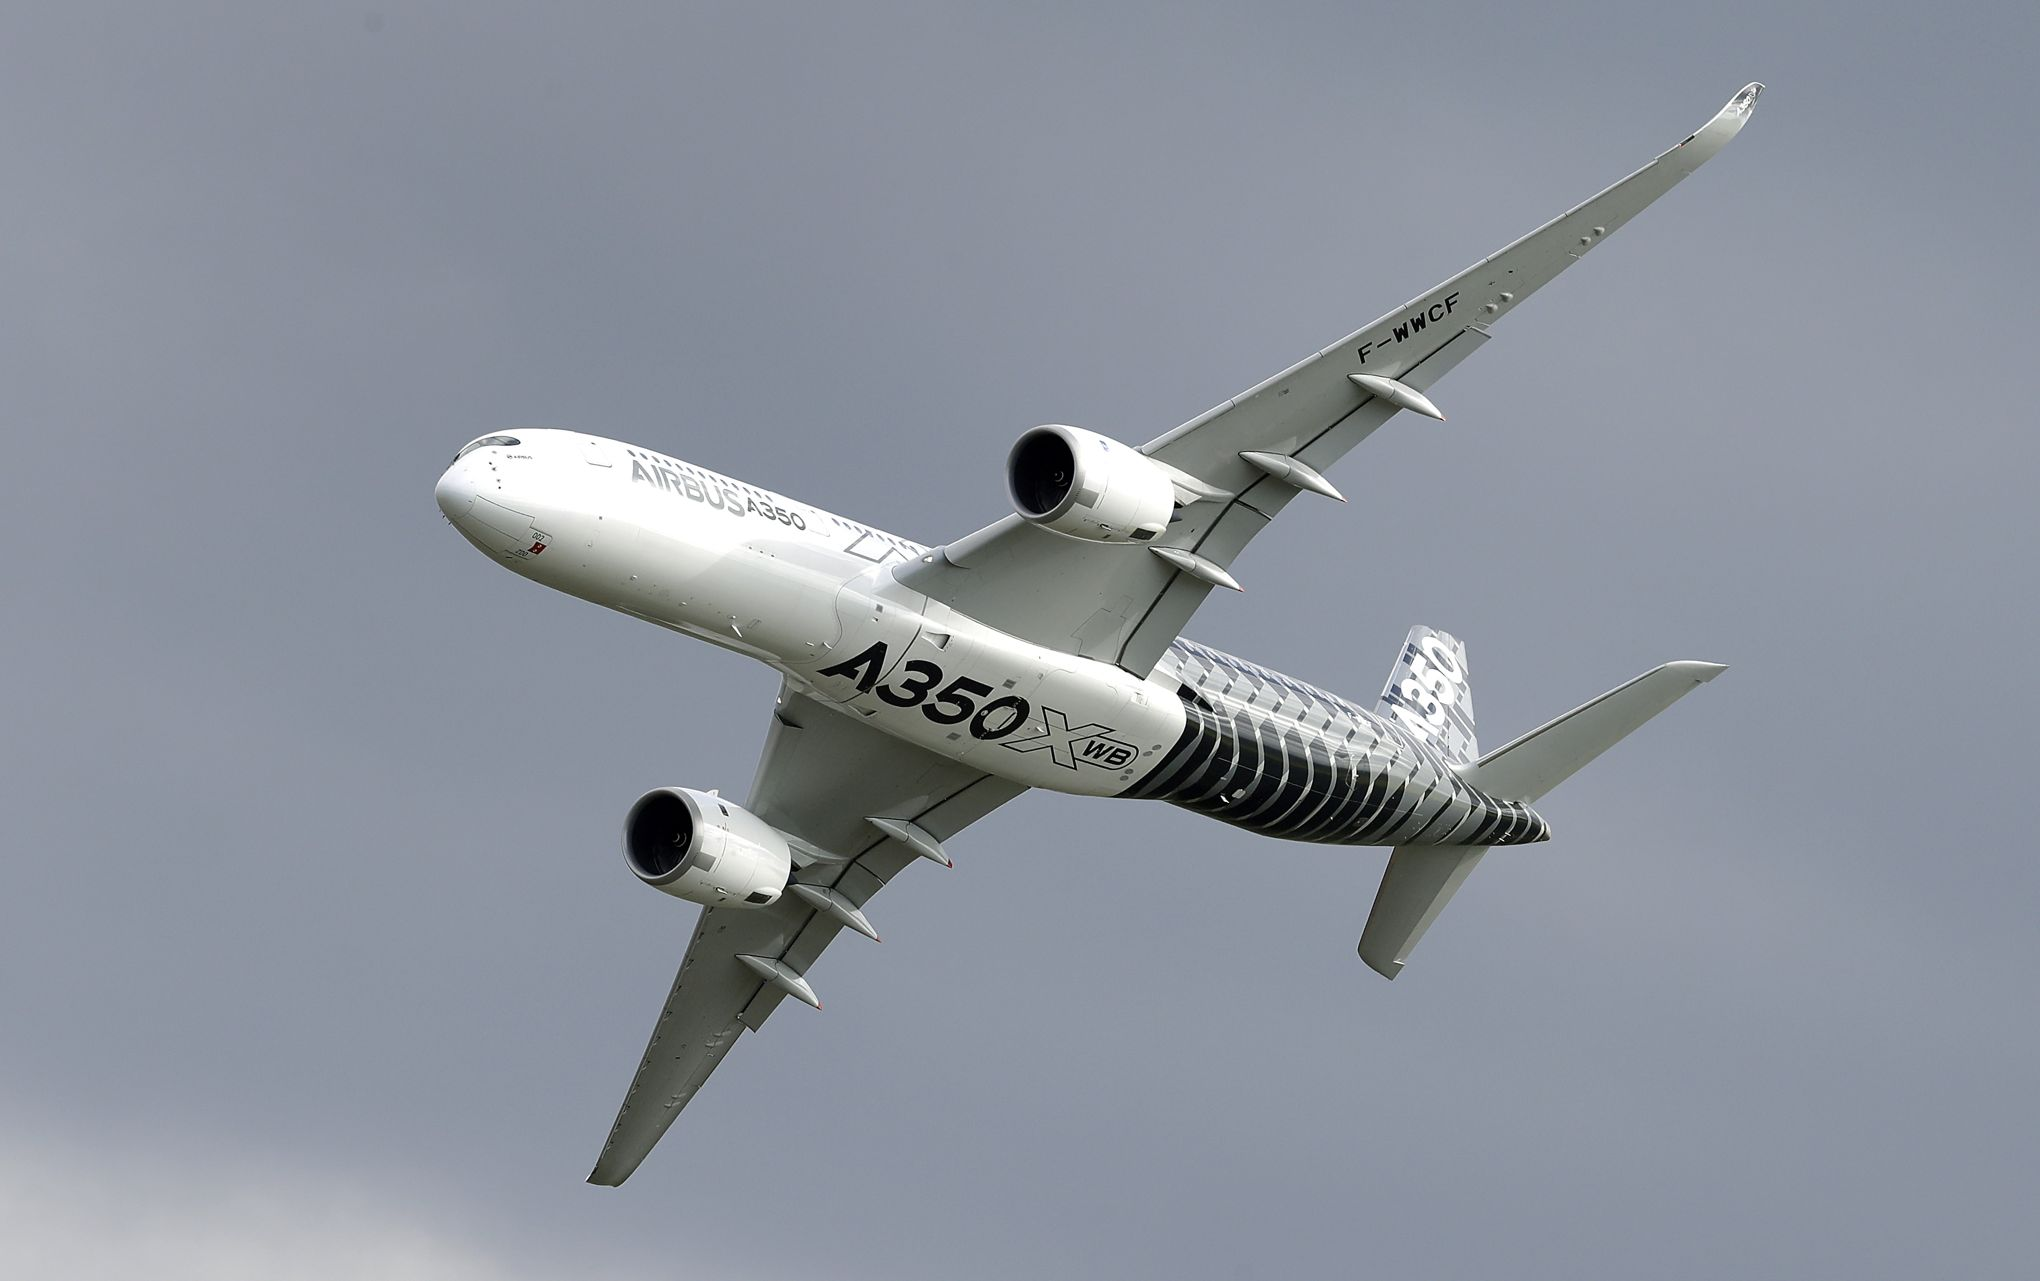 Aviation rencontres Royaume-Uni services de rencontres en ligne les mieux notés